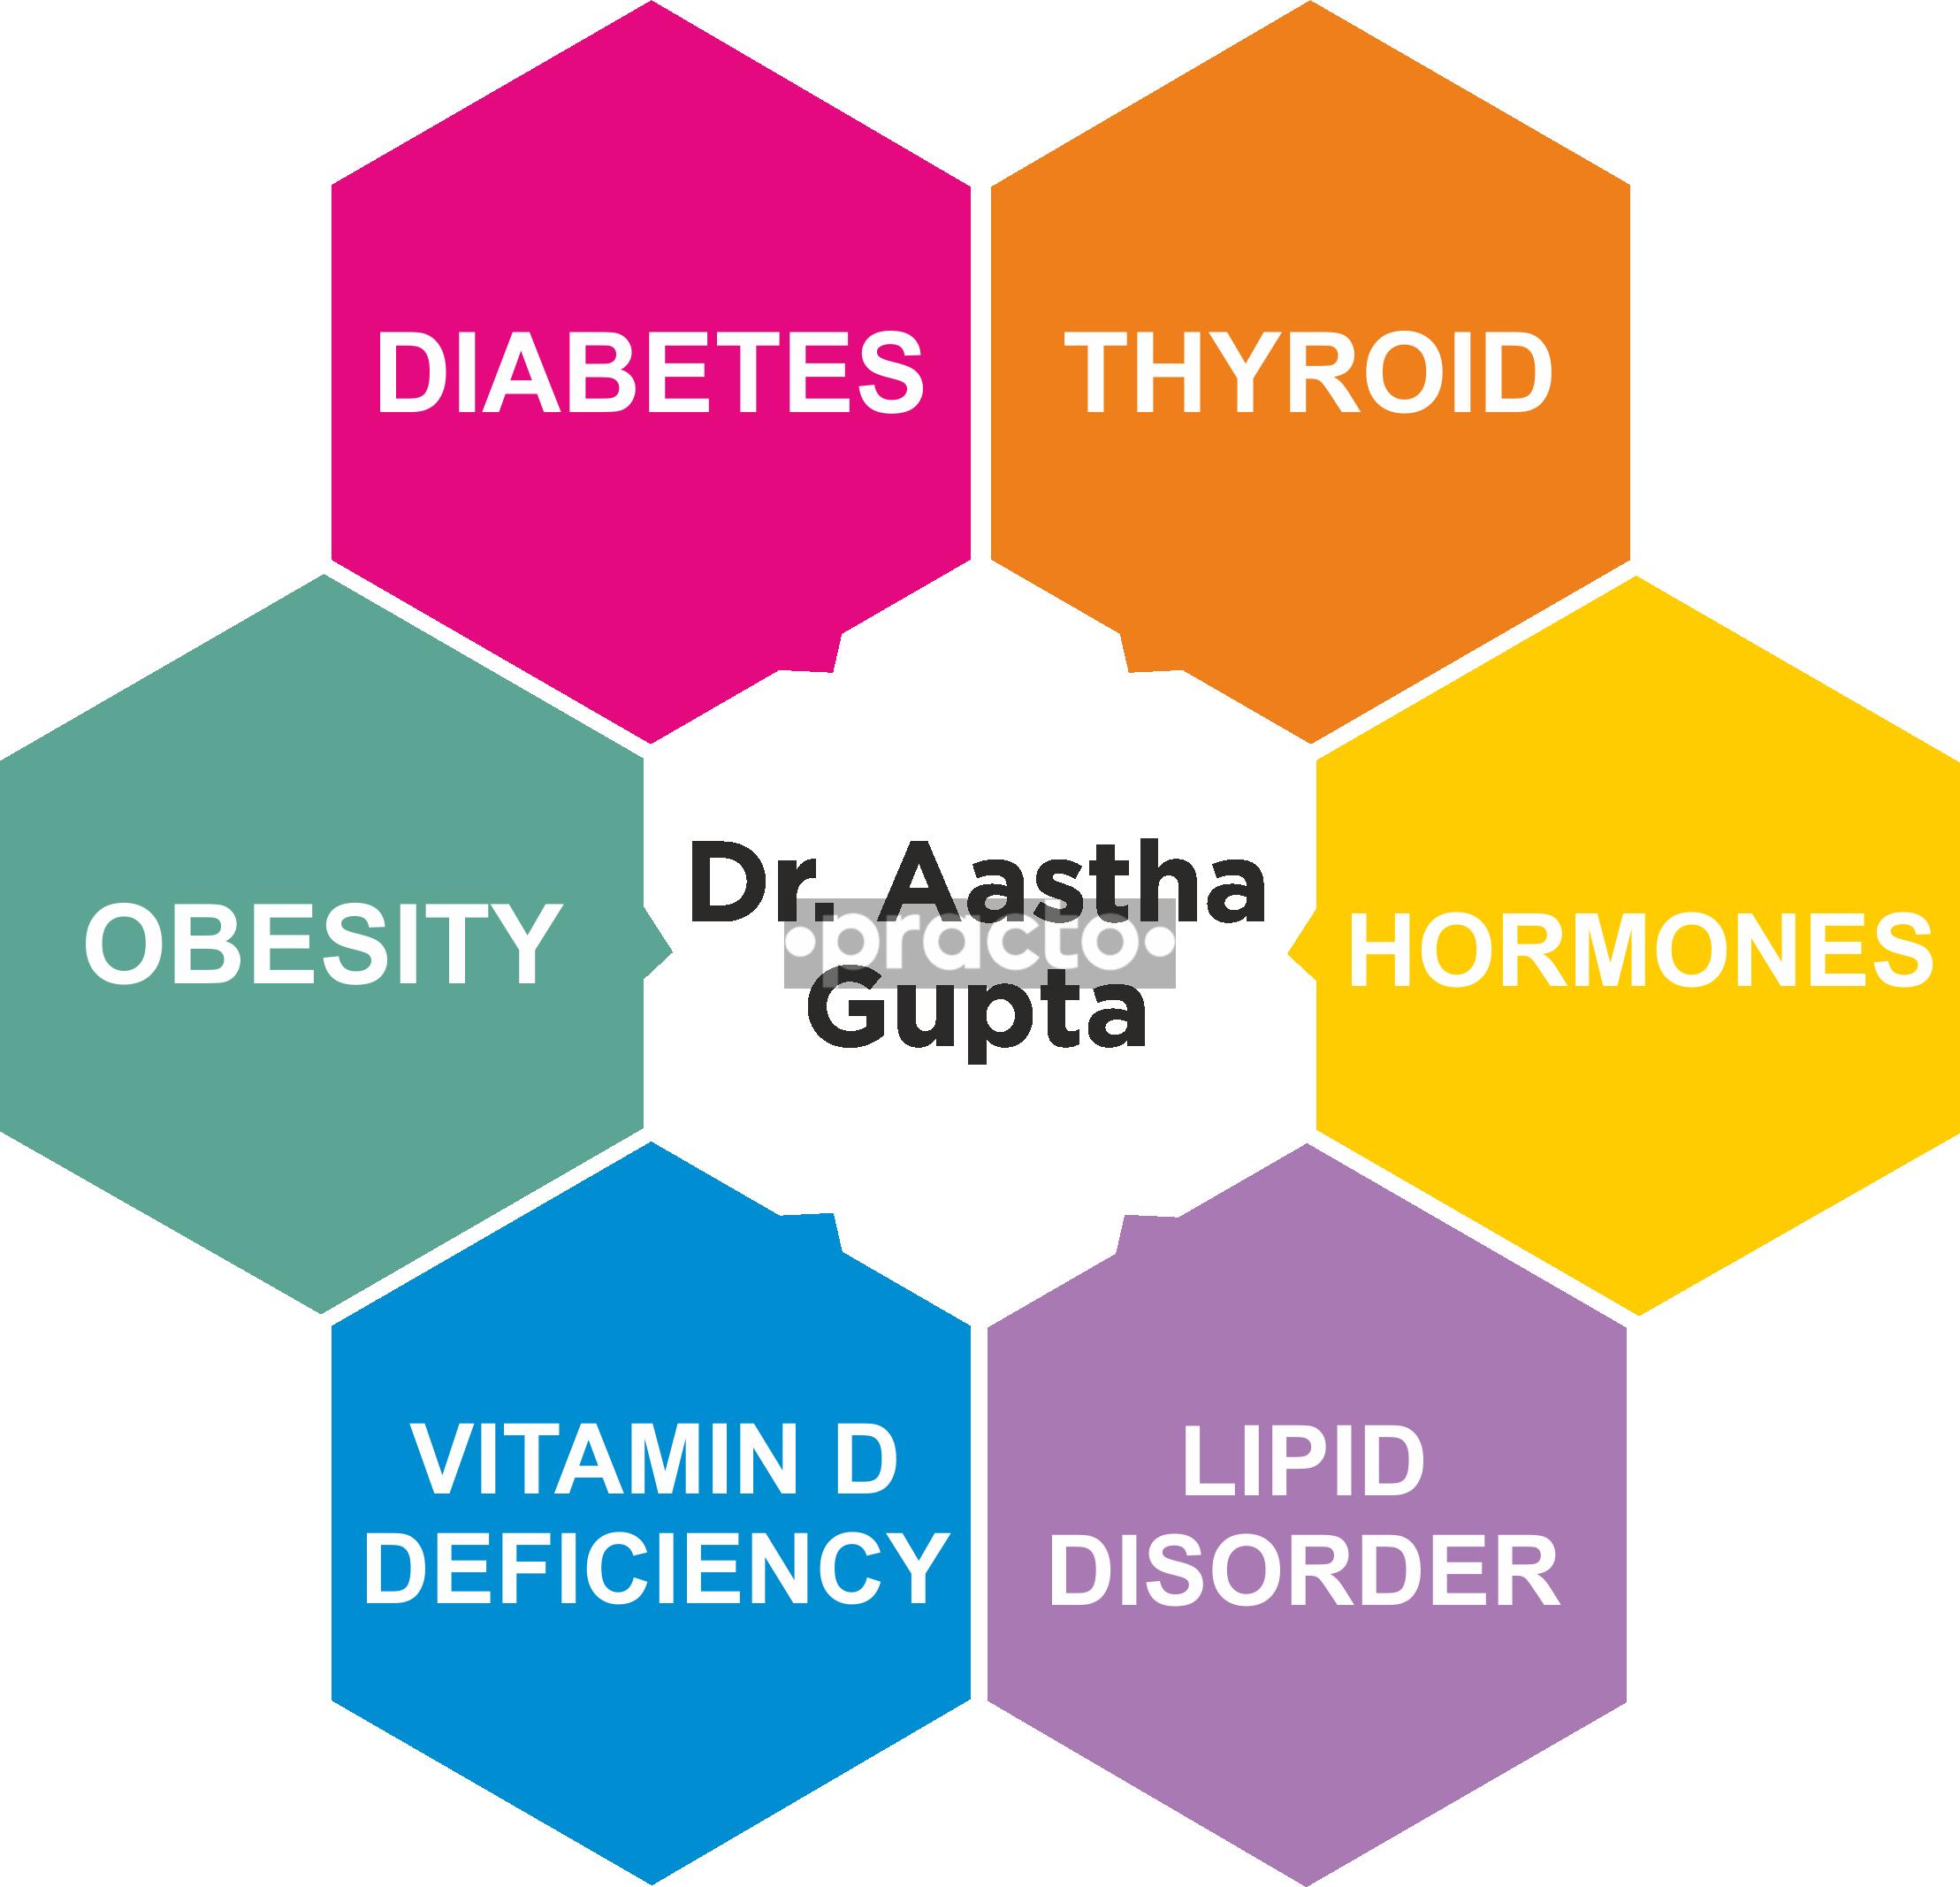 Dr. Aastha Gupta- Diabetes Thyroid Hormones